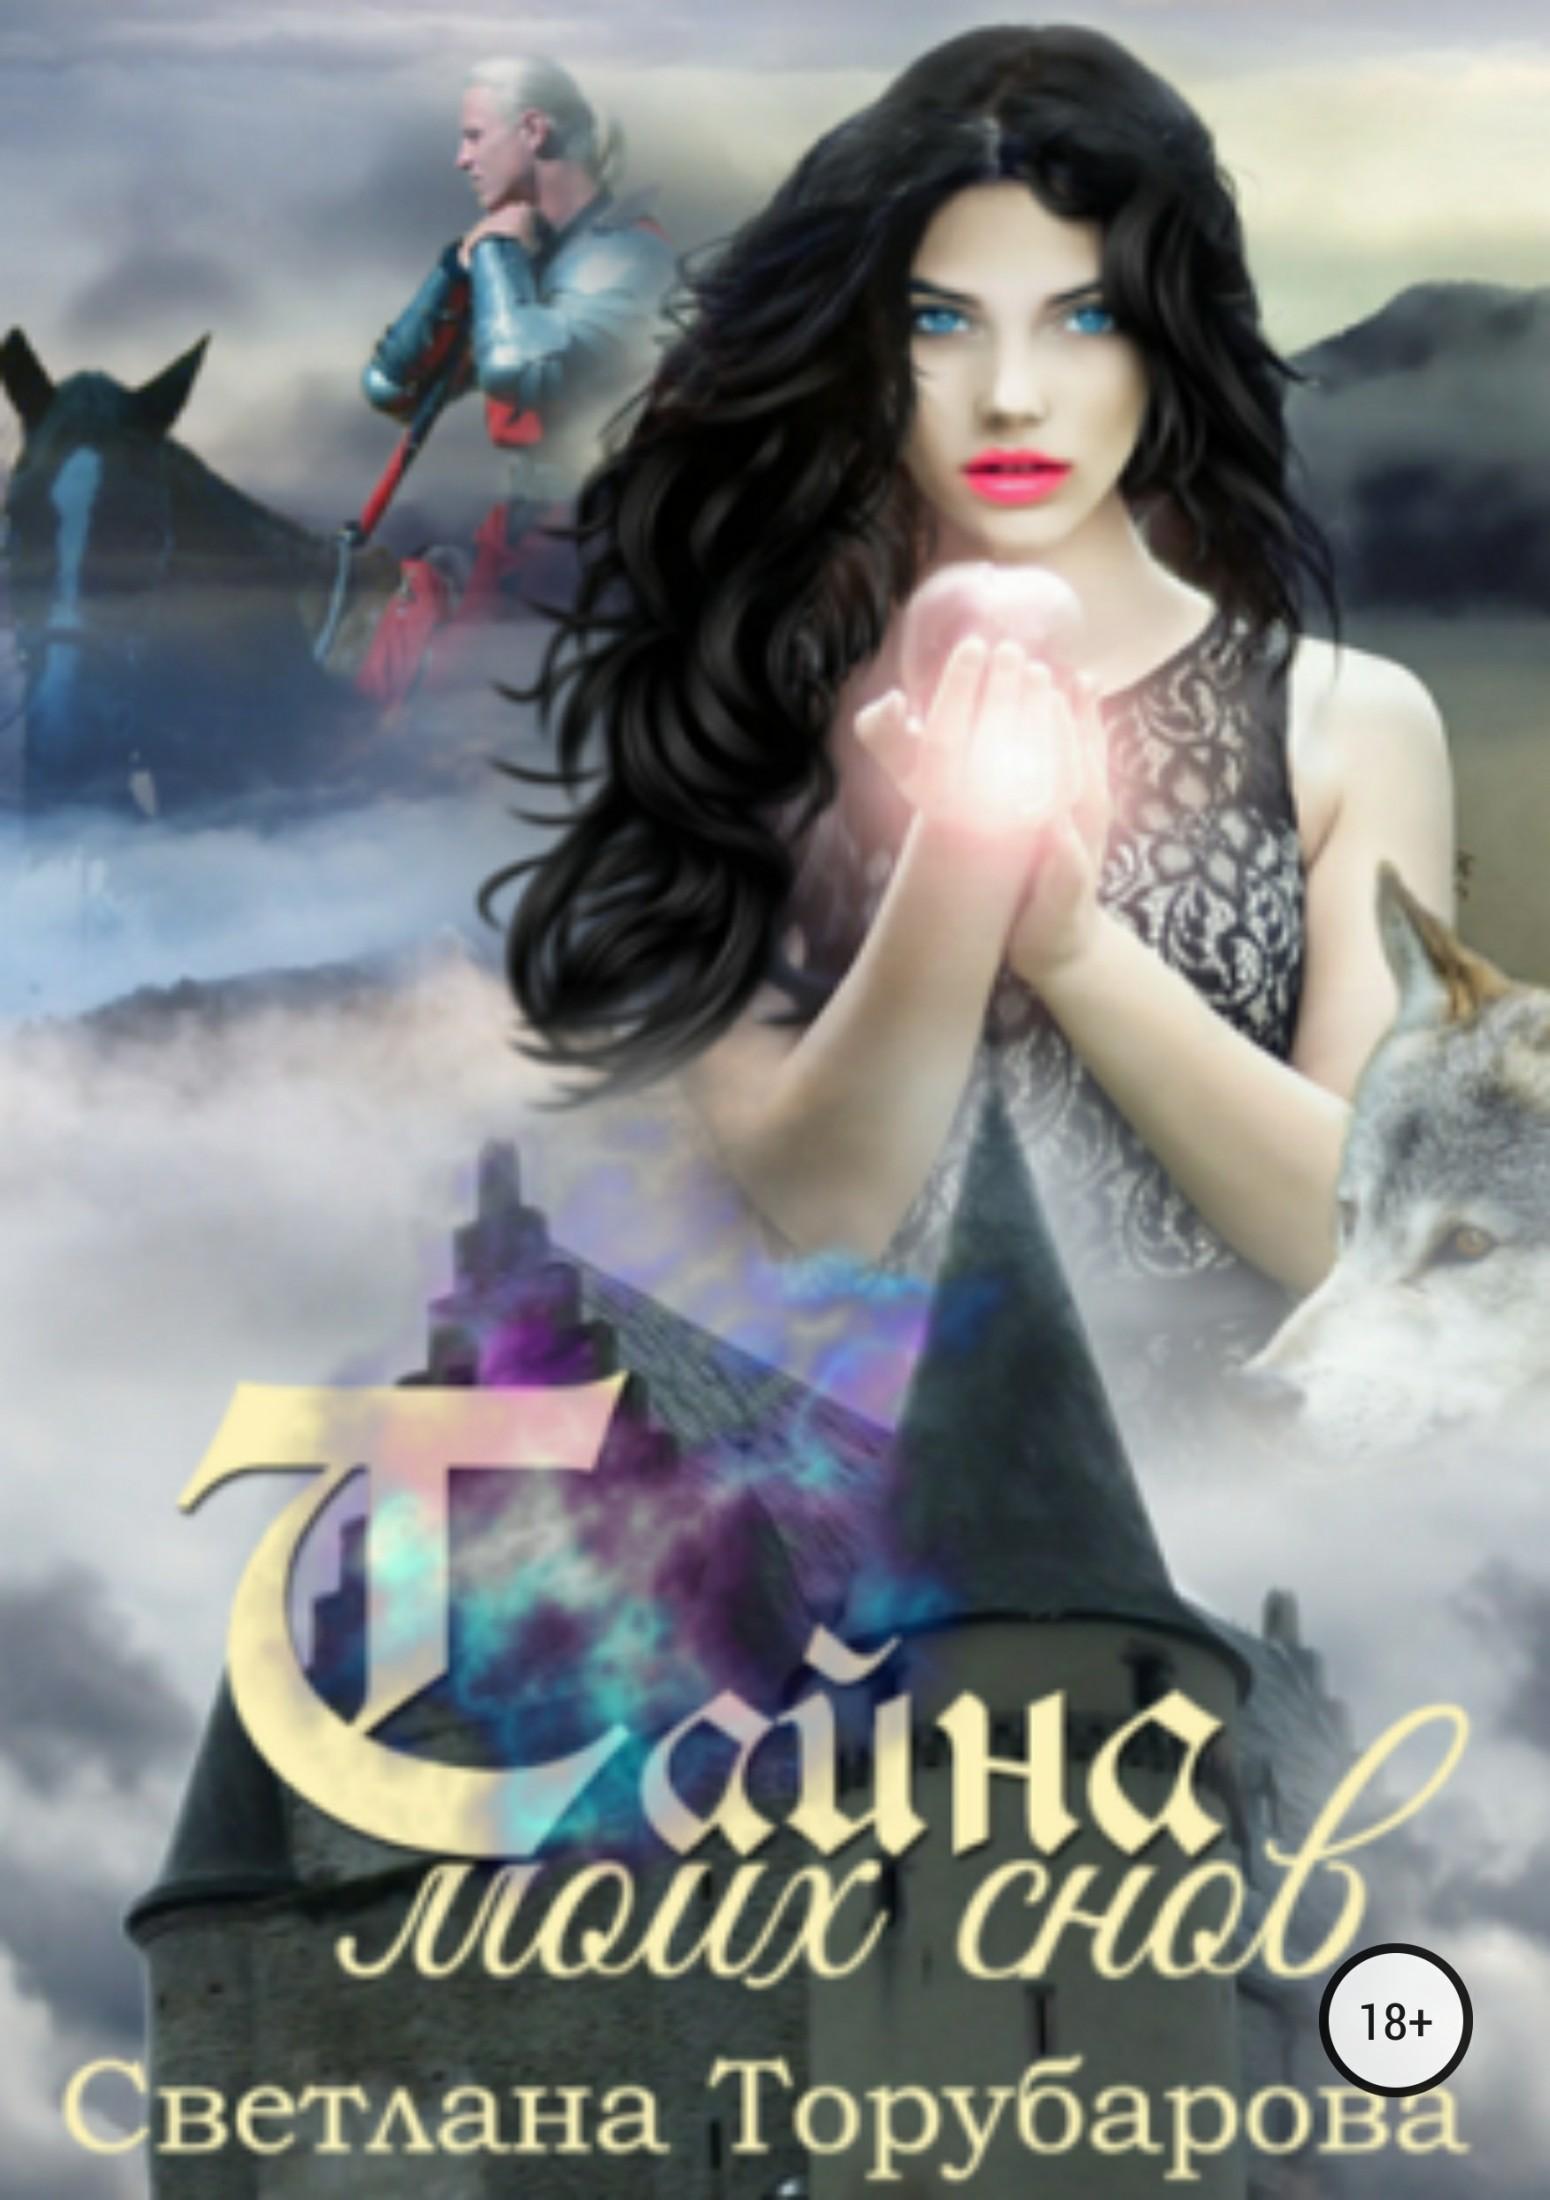 Торубарова Светлана. Тайна моих снов